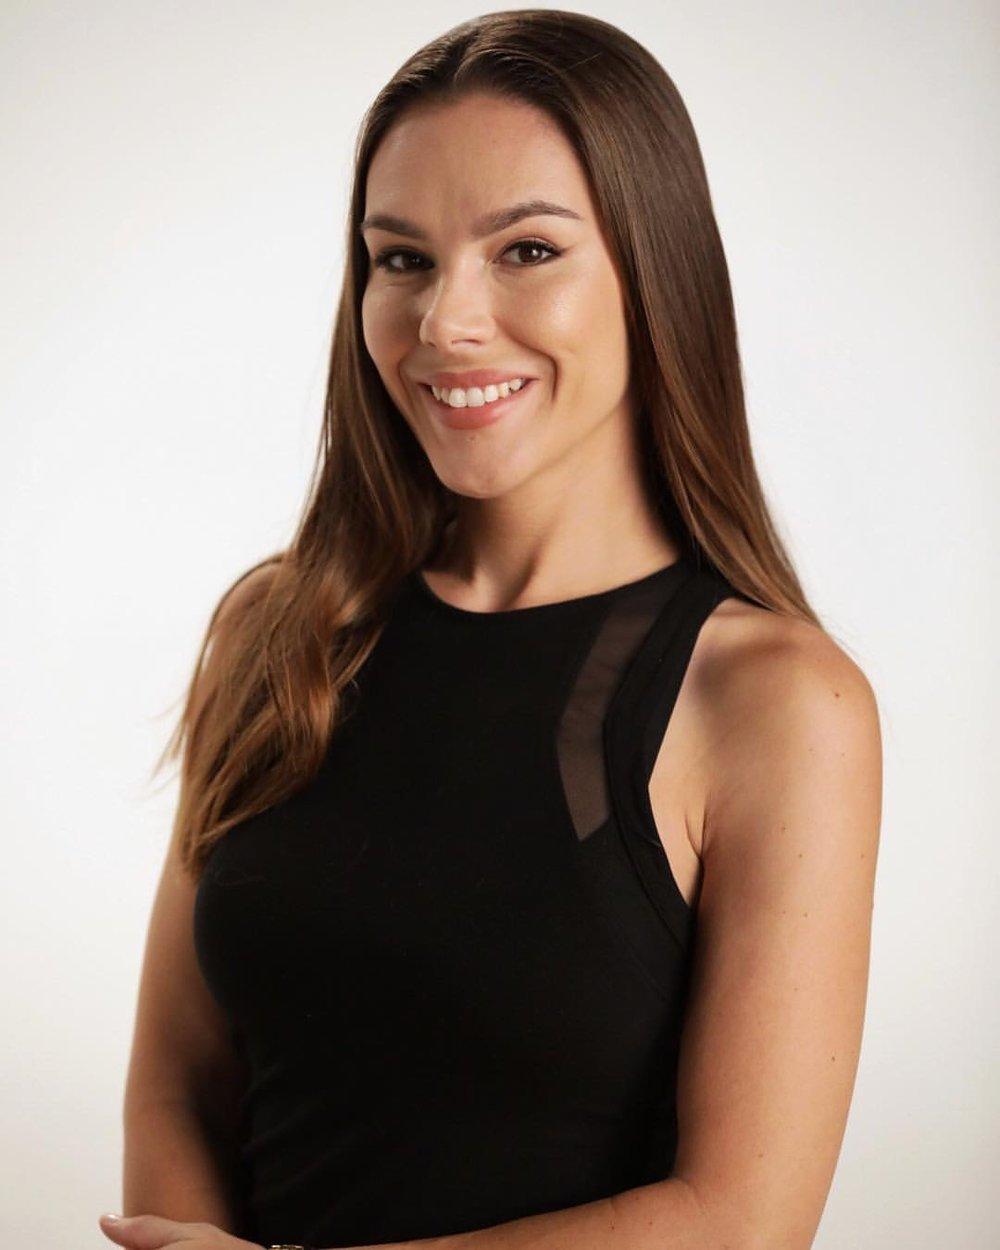 Nicole Stefansic, Lindsay Does Makeup Makeup Artist